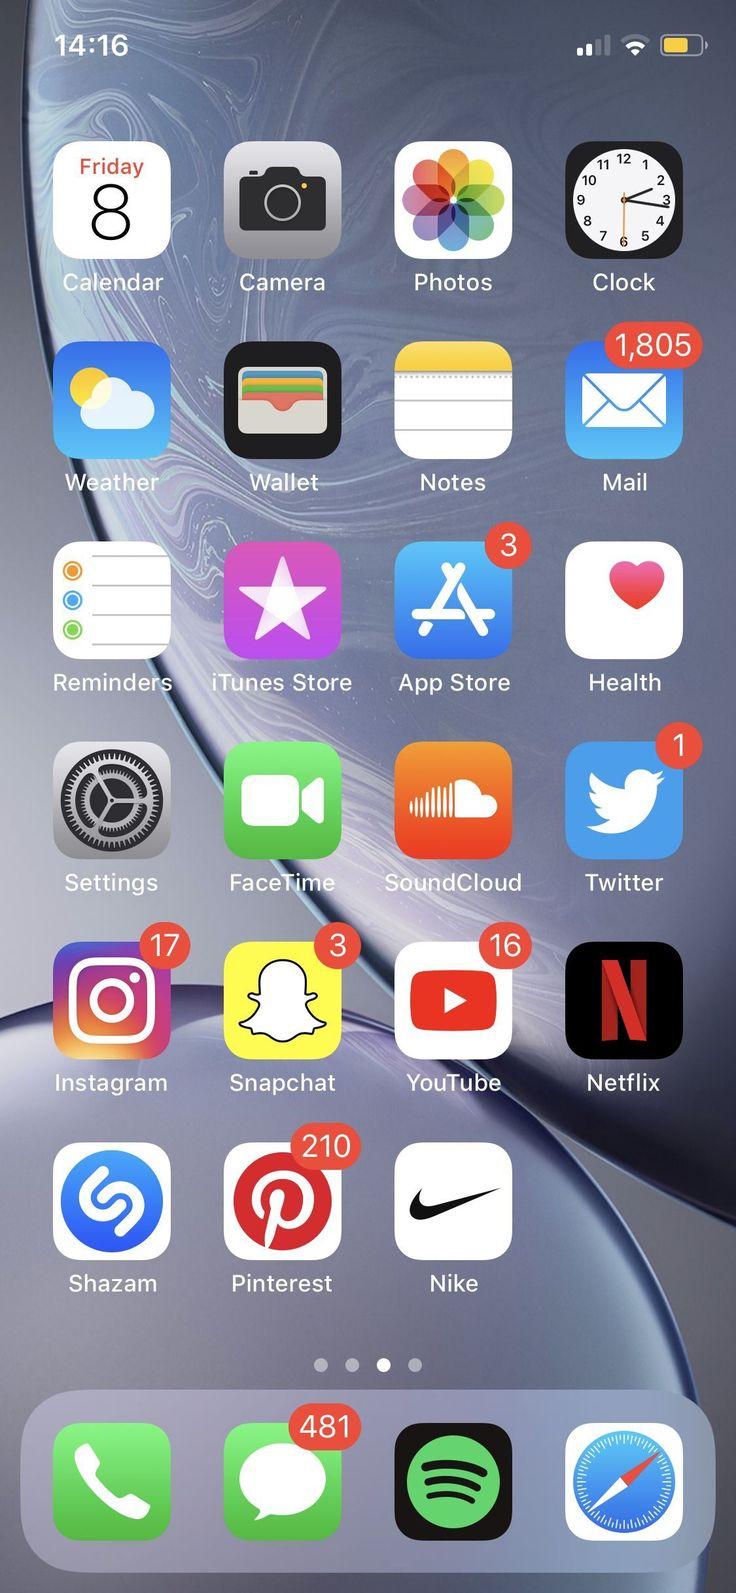 Pin on Ułożenie aplikacji iPhone ️ ️ ️